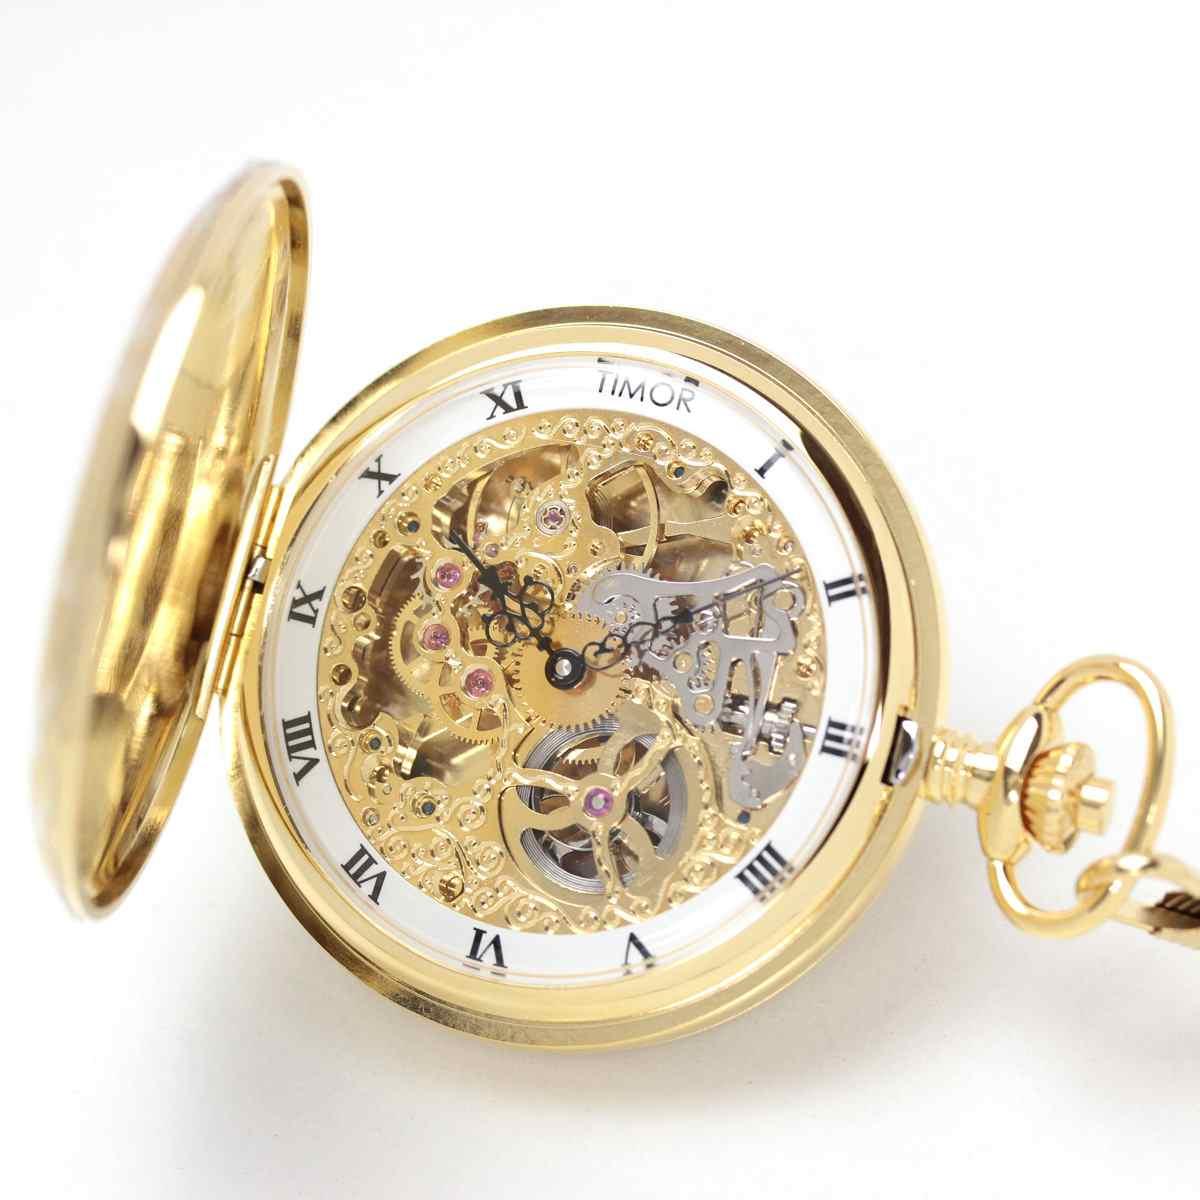 ティモール/TIMOR/フルハンター(両開き)/スケルトン/TP102JA01/ゴールドカラー/懐中時計